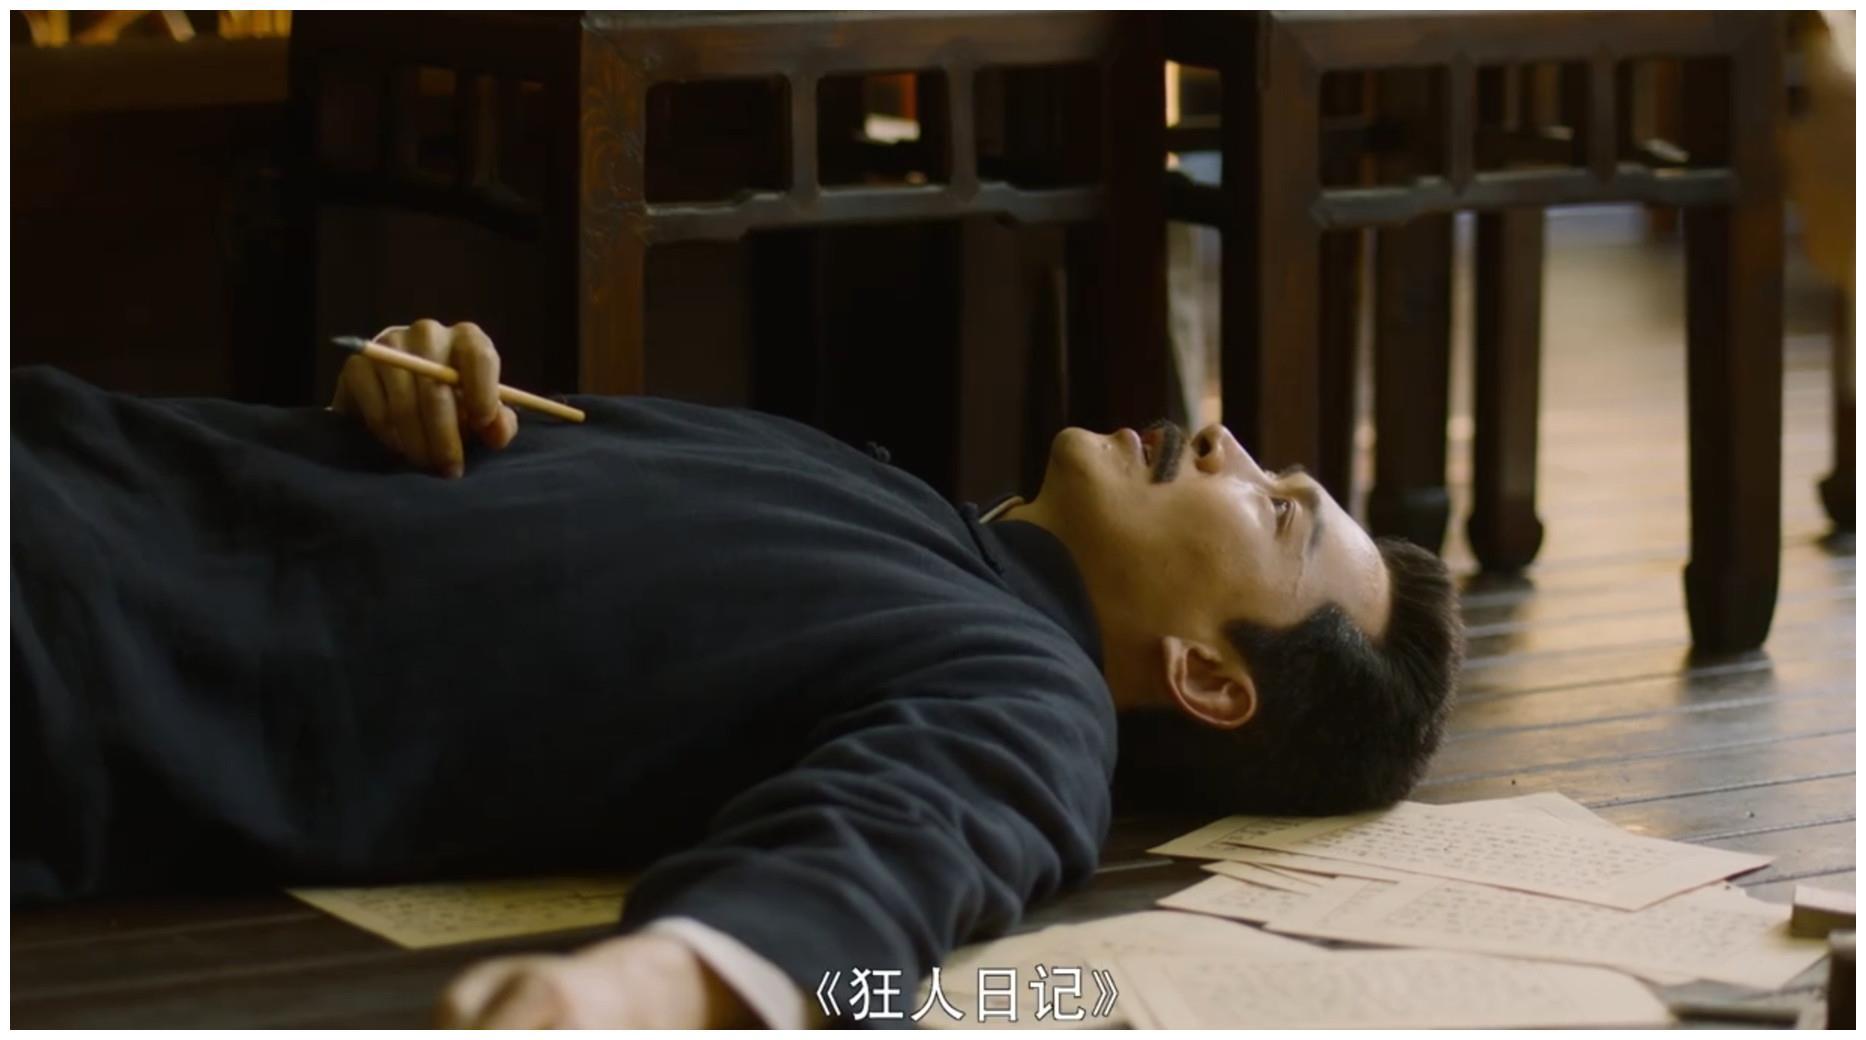 觉醒年代鲁迅是谁演的?扮演者曹磊个人资料背景经历介绍